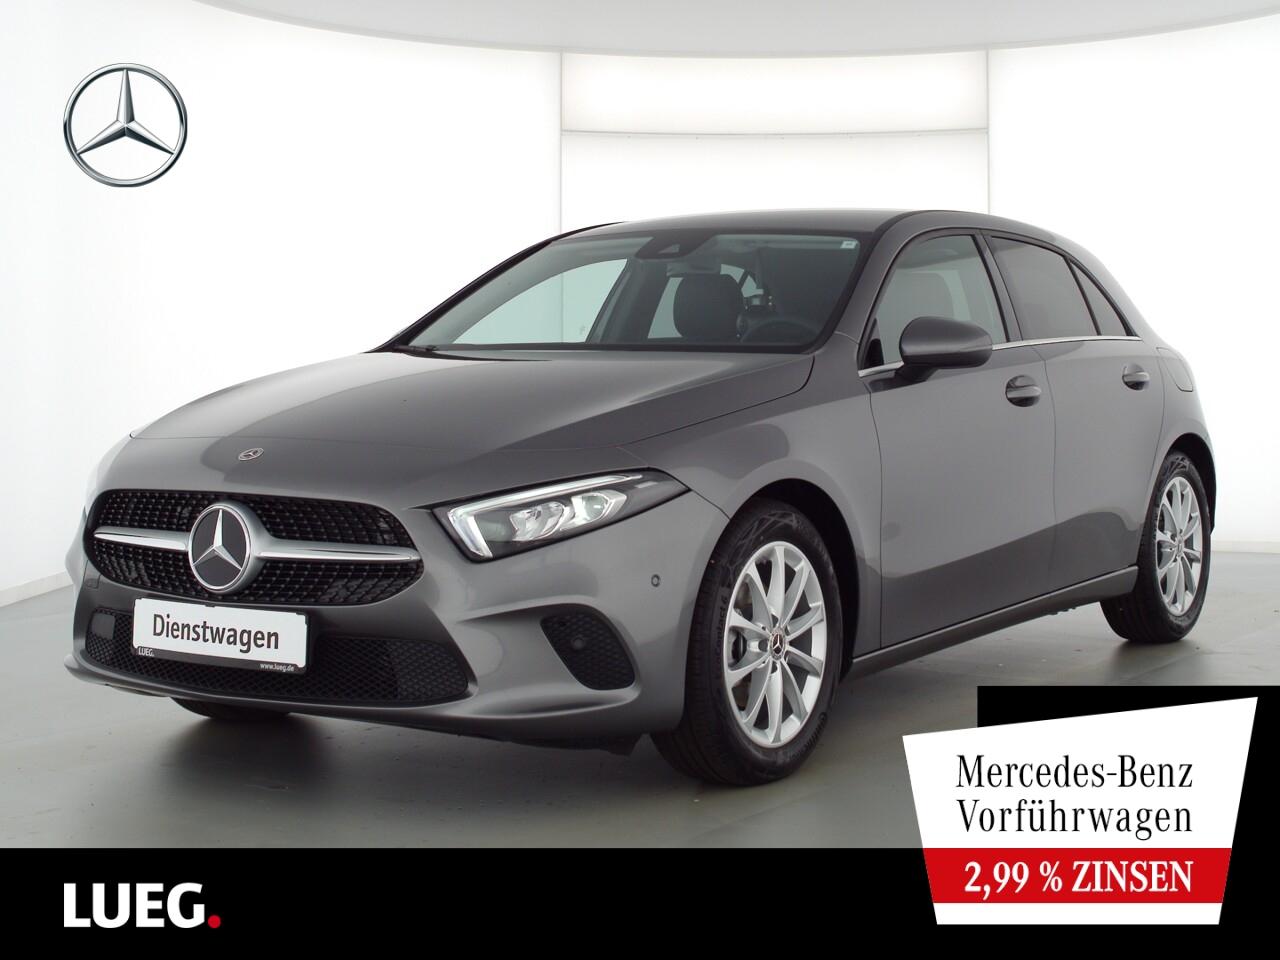 Mercedes-Benz A 180 STYLE+17''+TOTW.+LED+KAMERA+MBUX-ADVANCED, Jahr 2021, Benzin